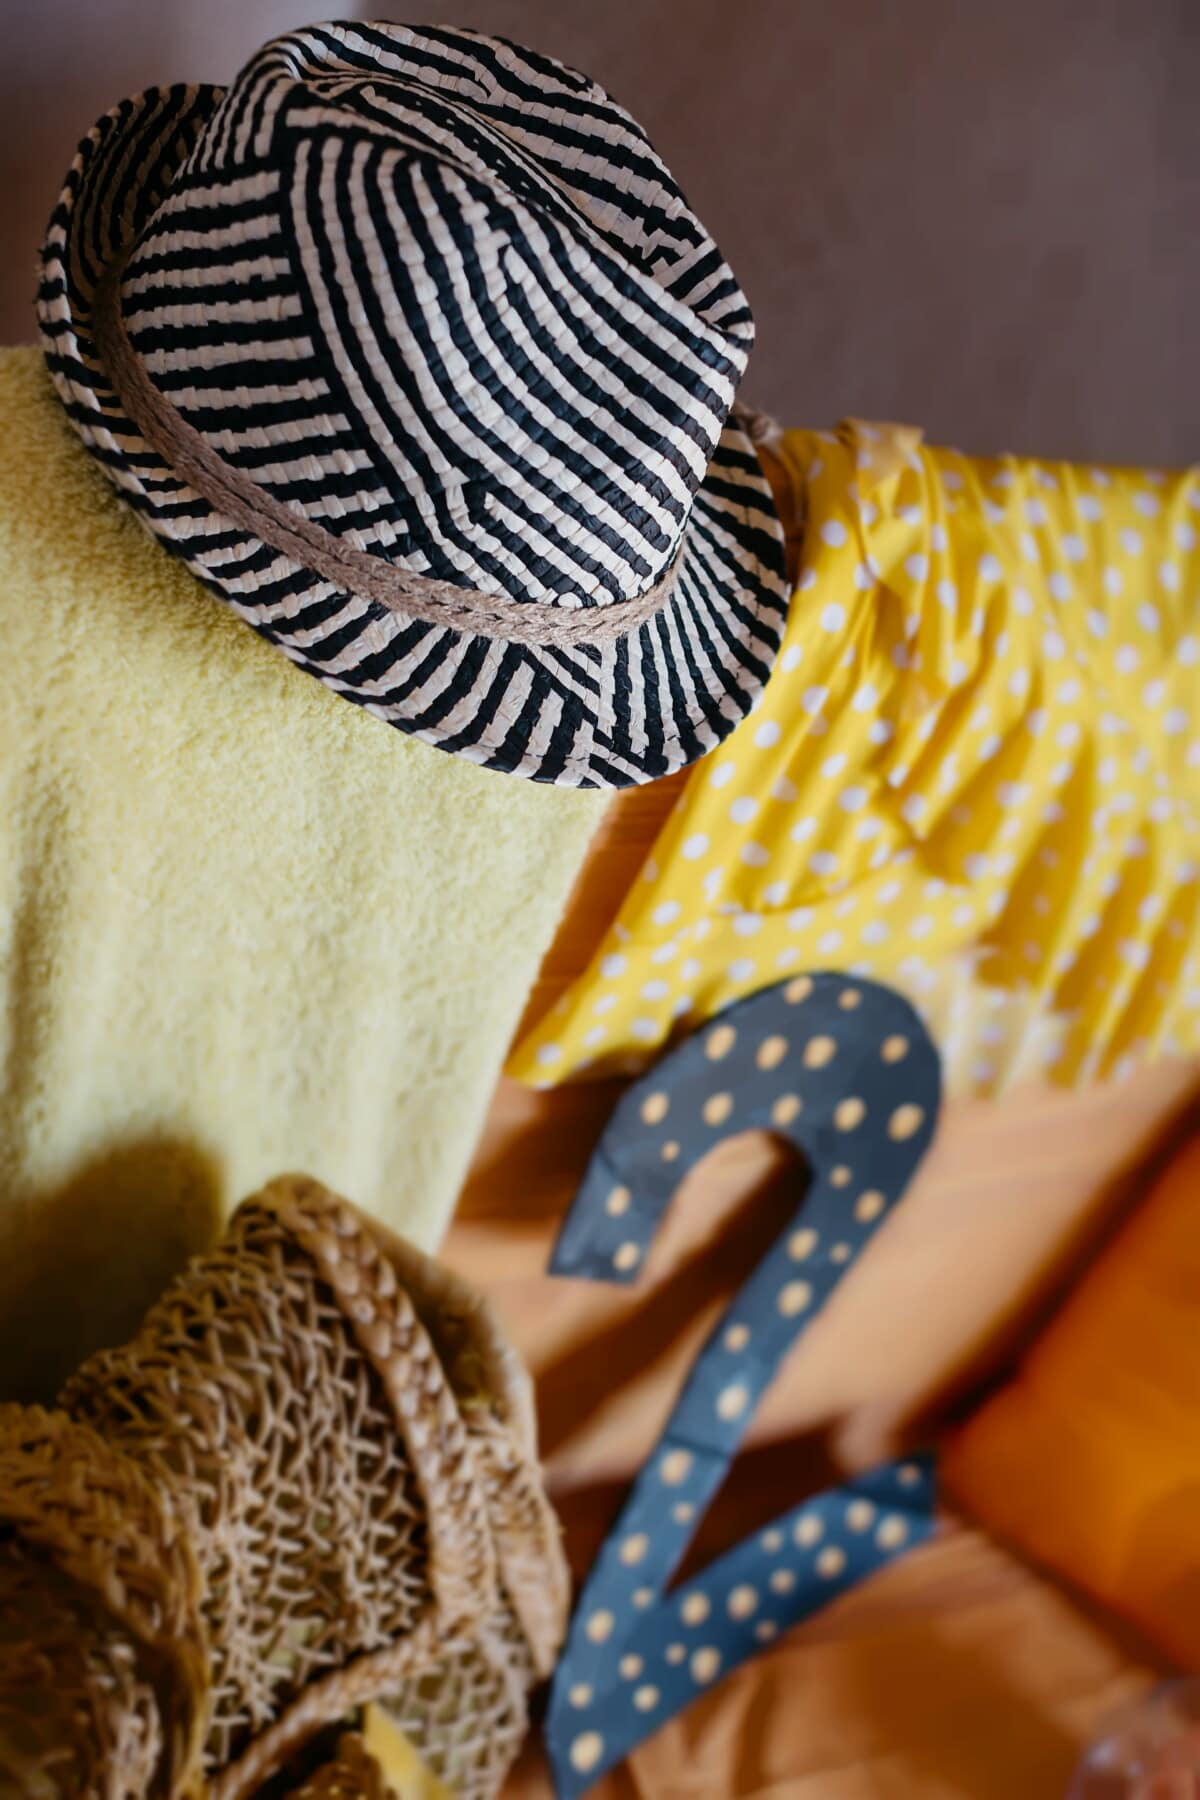 klobouk, černá a bílá, staromódní, ručník, deka, šaty, kabelka, móda, design interiéru, výzdoba interiéru